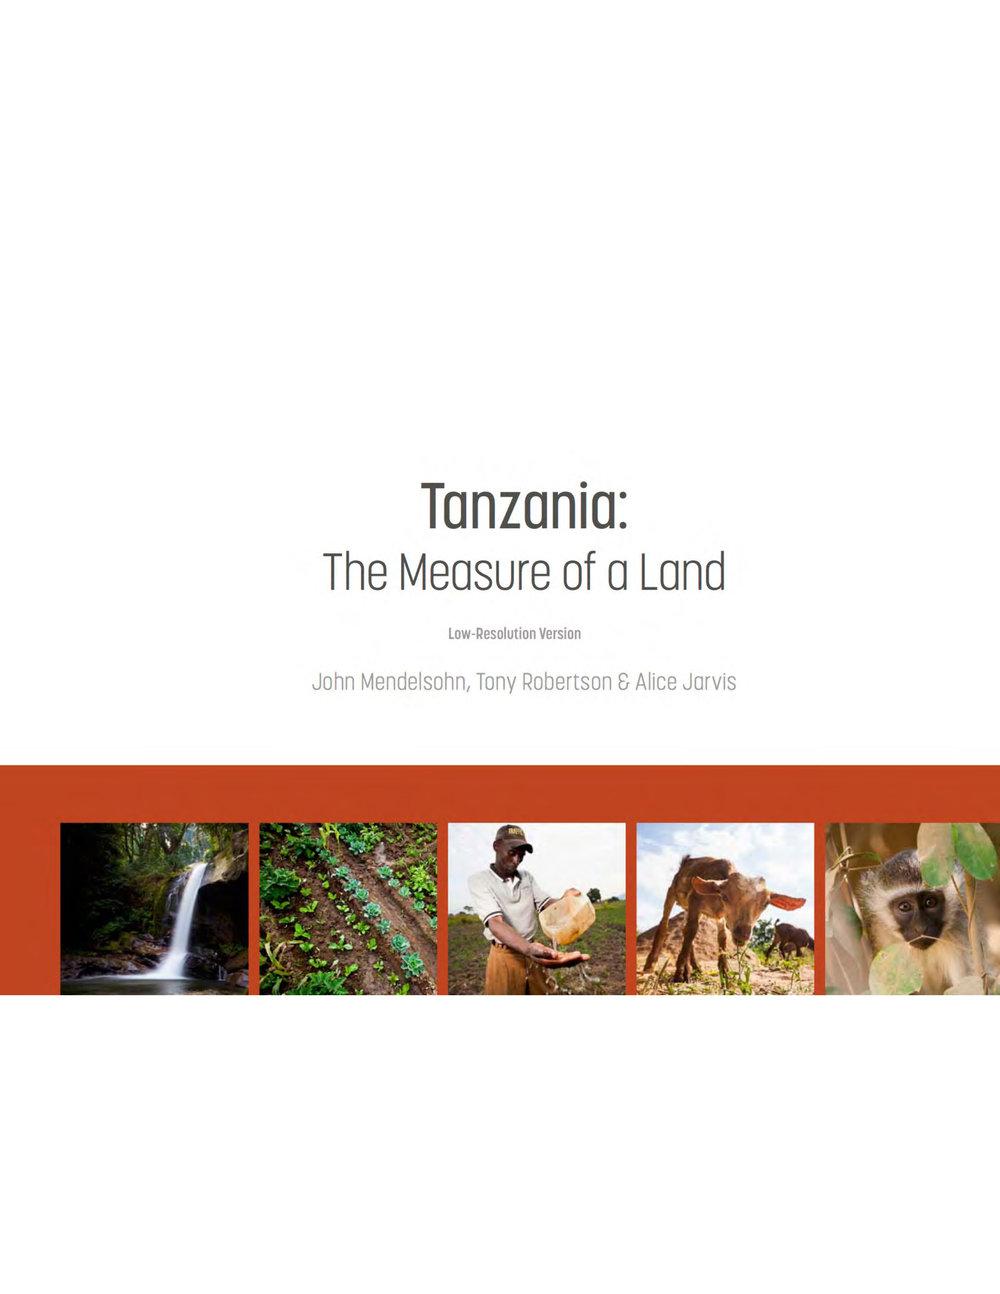 VS_Tanzania.jpg